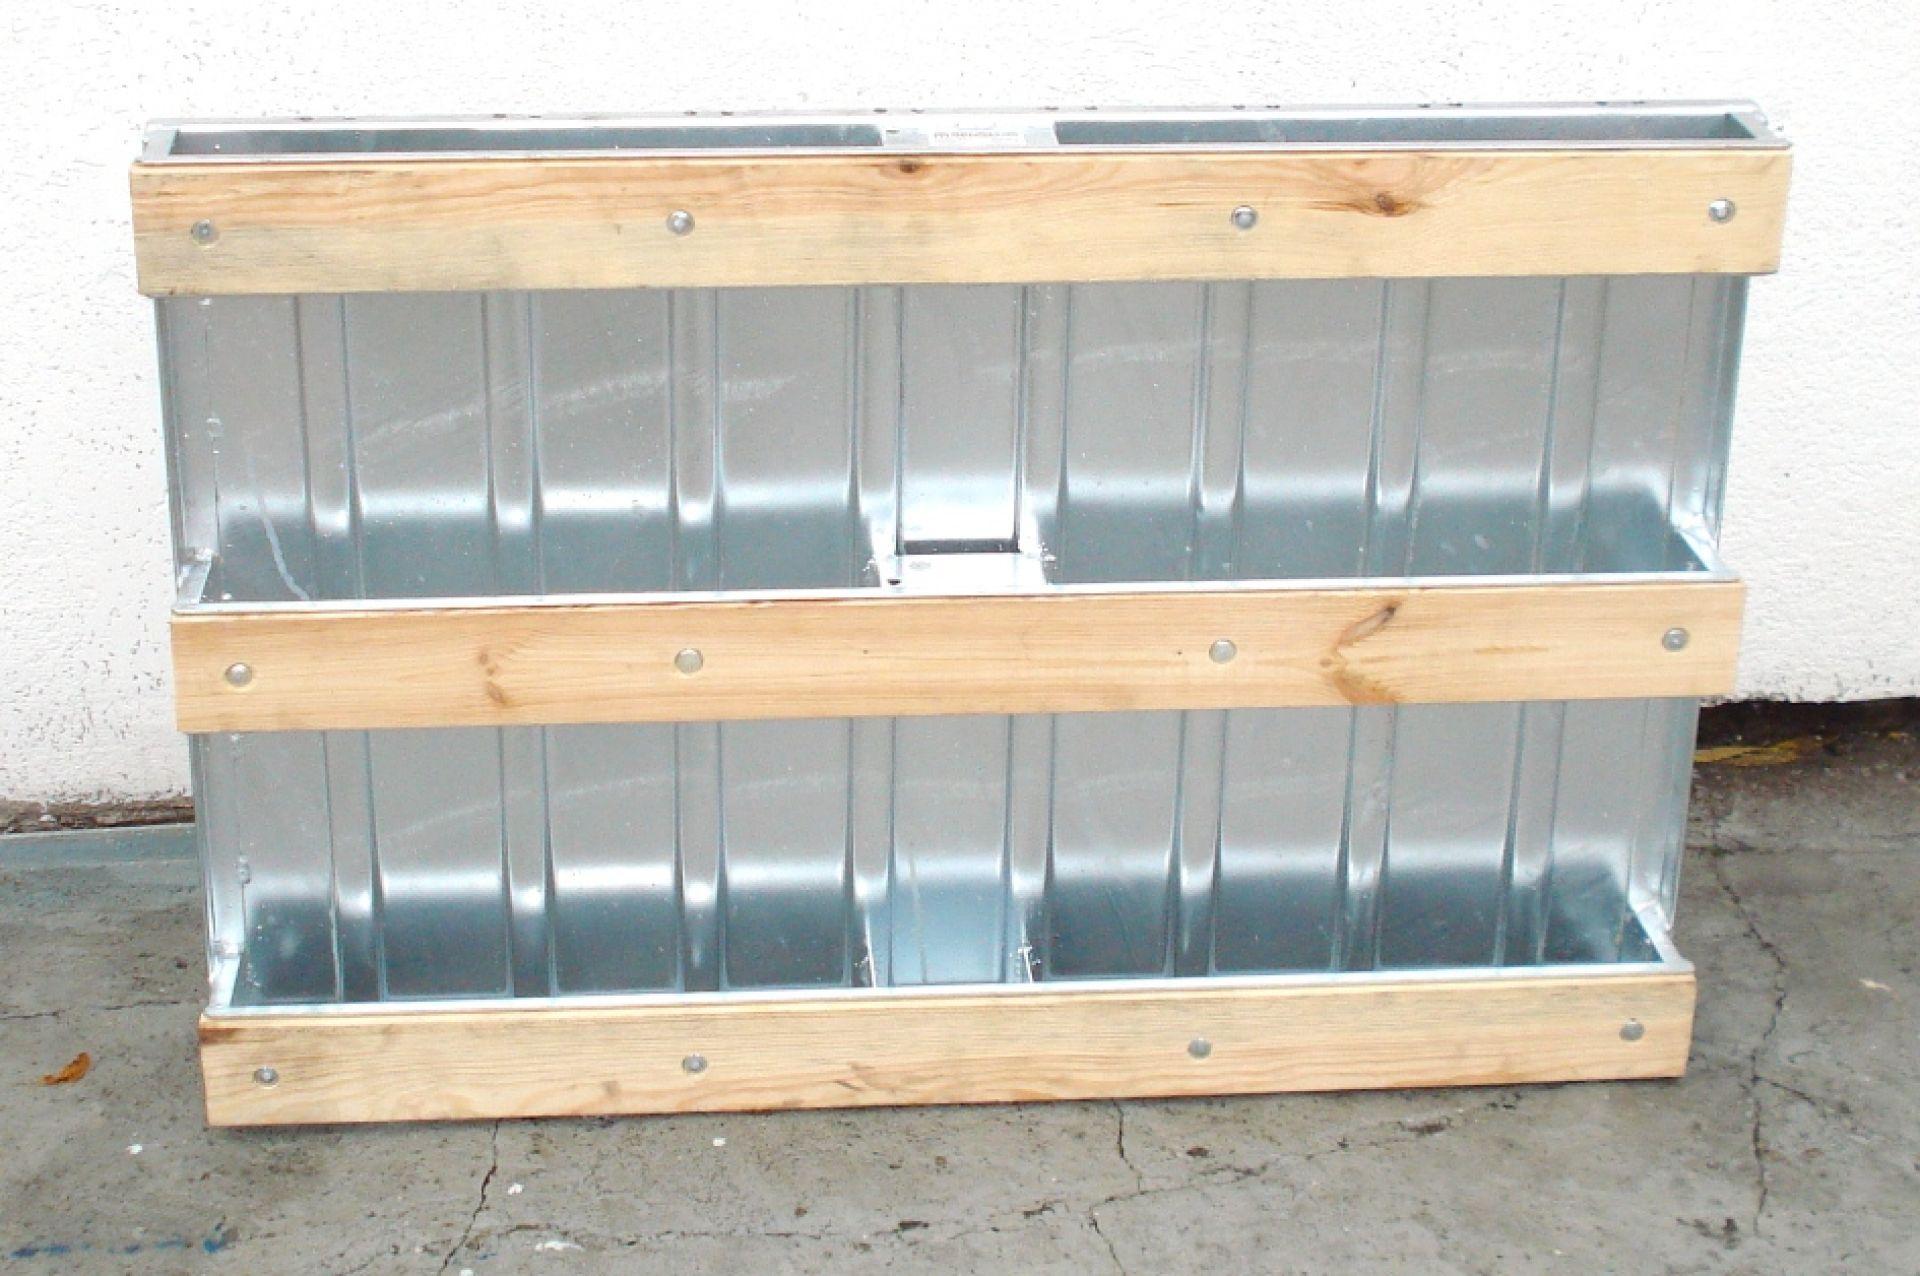 Stahlblechpalette mit Holzkufen